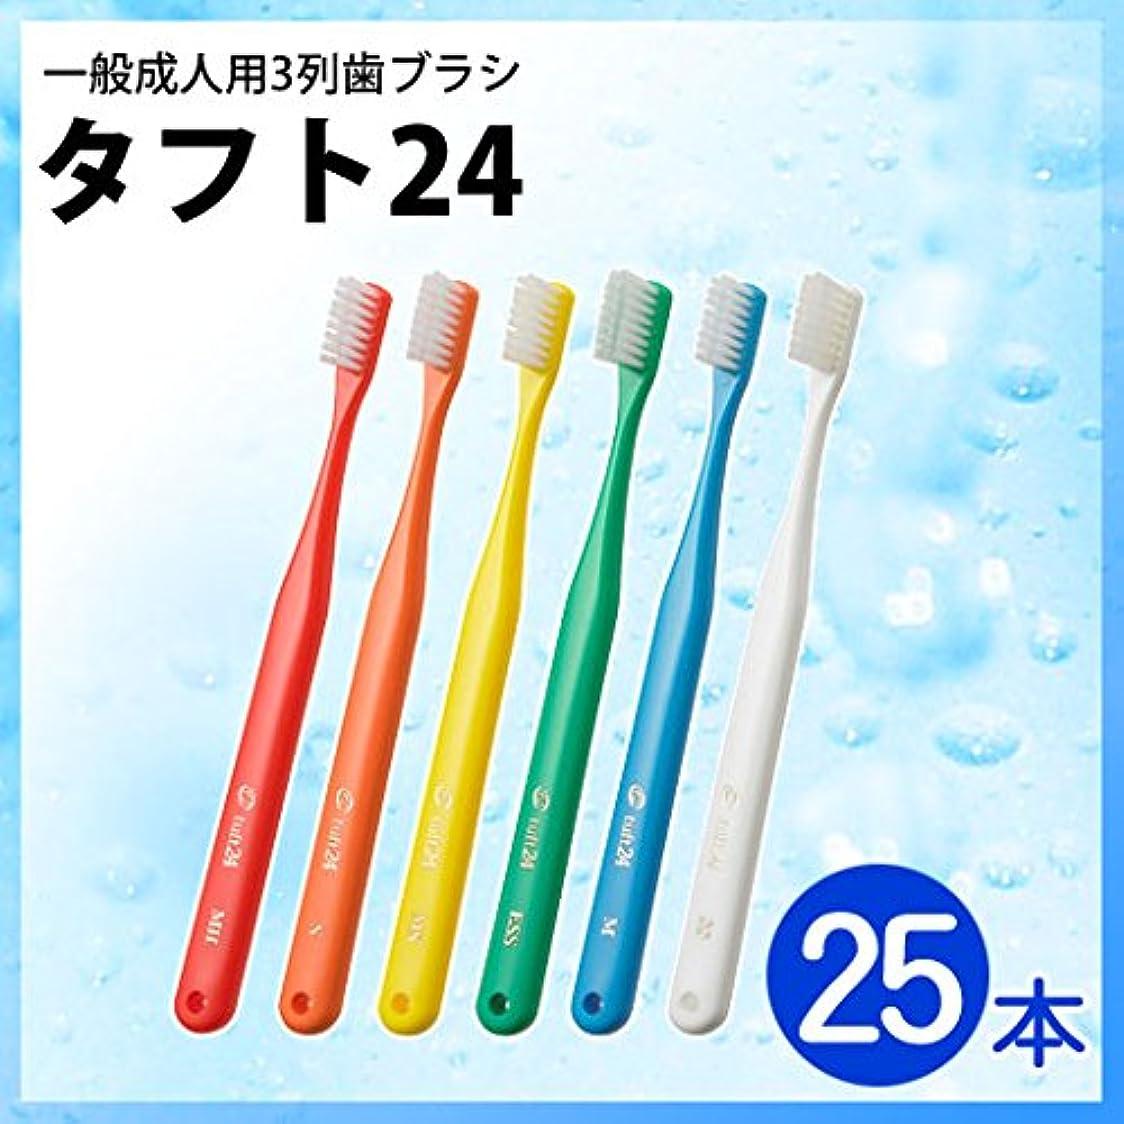 欠如測定ジャズタフト24 【歯ブラシ/タフト】25本セットオーラルケア タフト24 一般成人用 3列歯ブラシ S(ソフト) イエロー